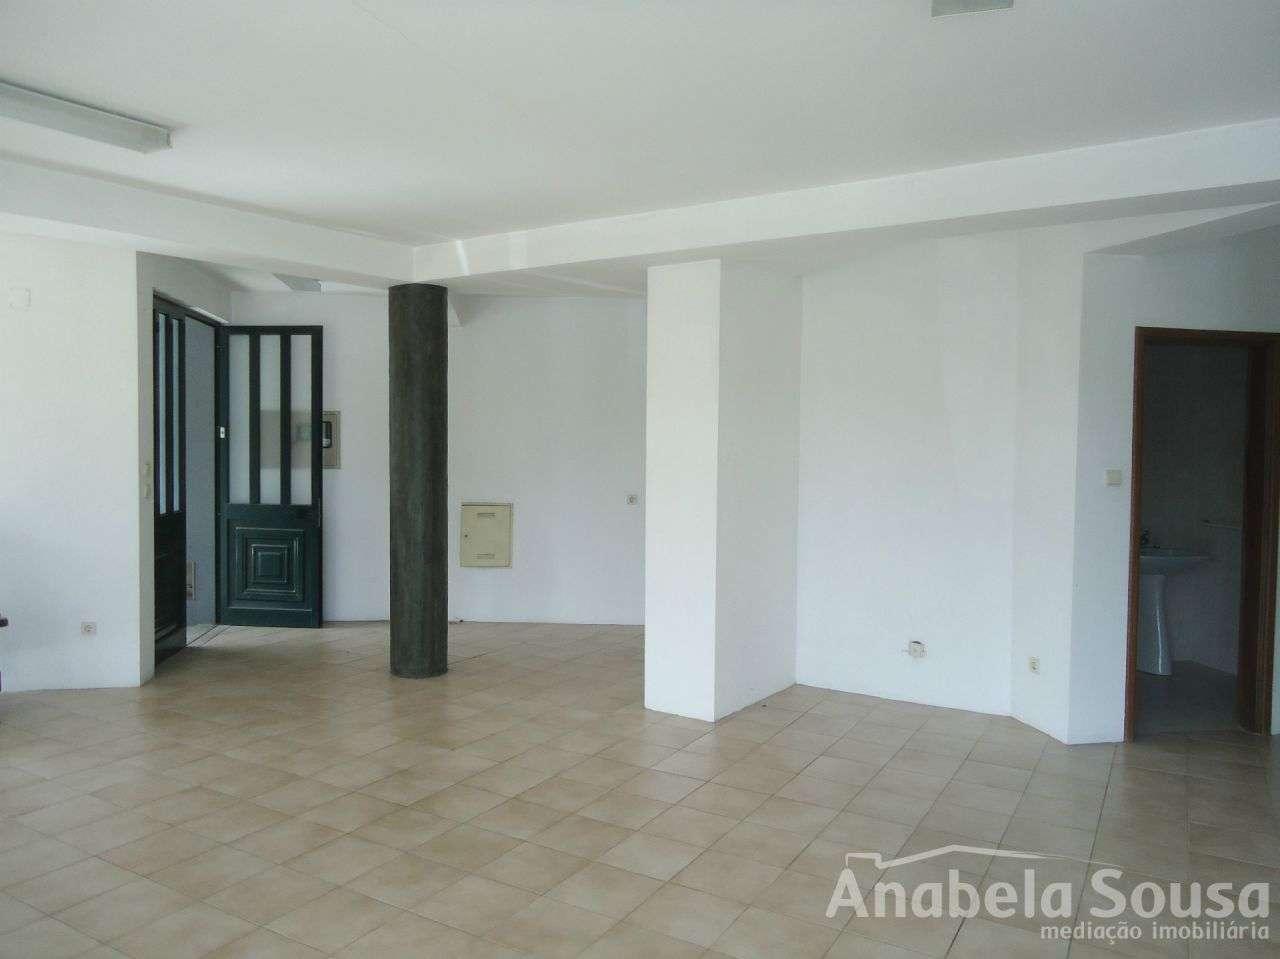 Escritório para arrendar, Oliveira de Frades, Souto de Lafões e Sejães, Oliveira de Frades, Viseu - Foto 5